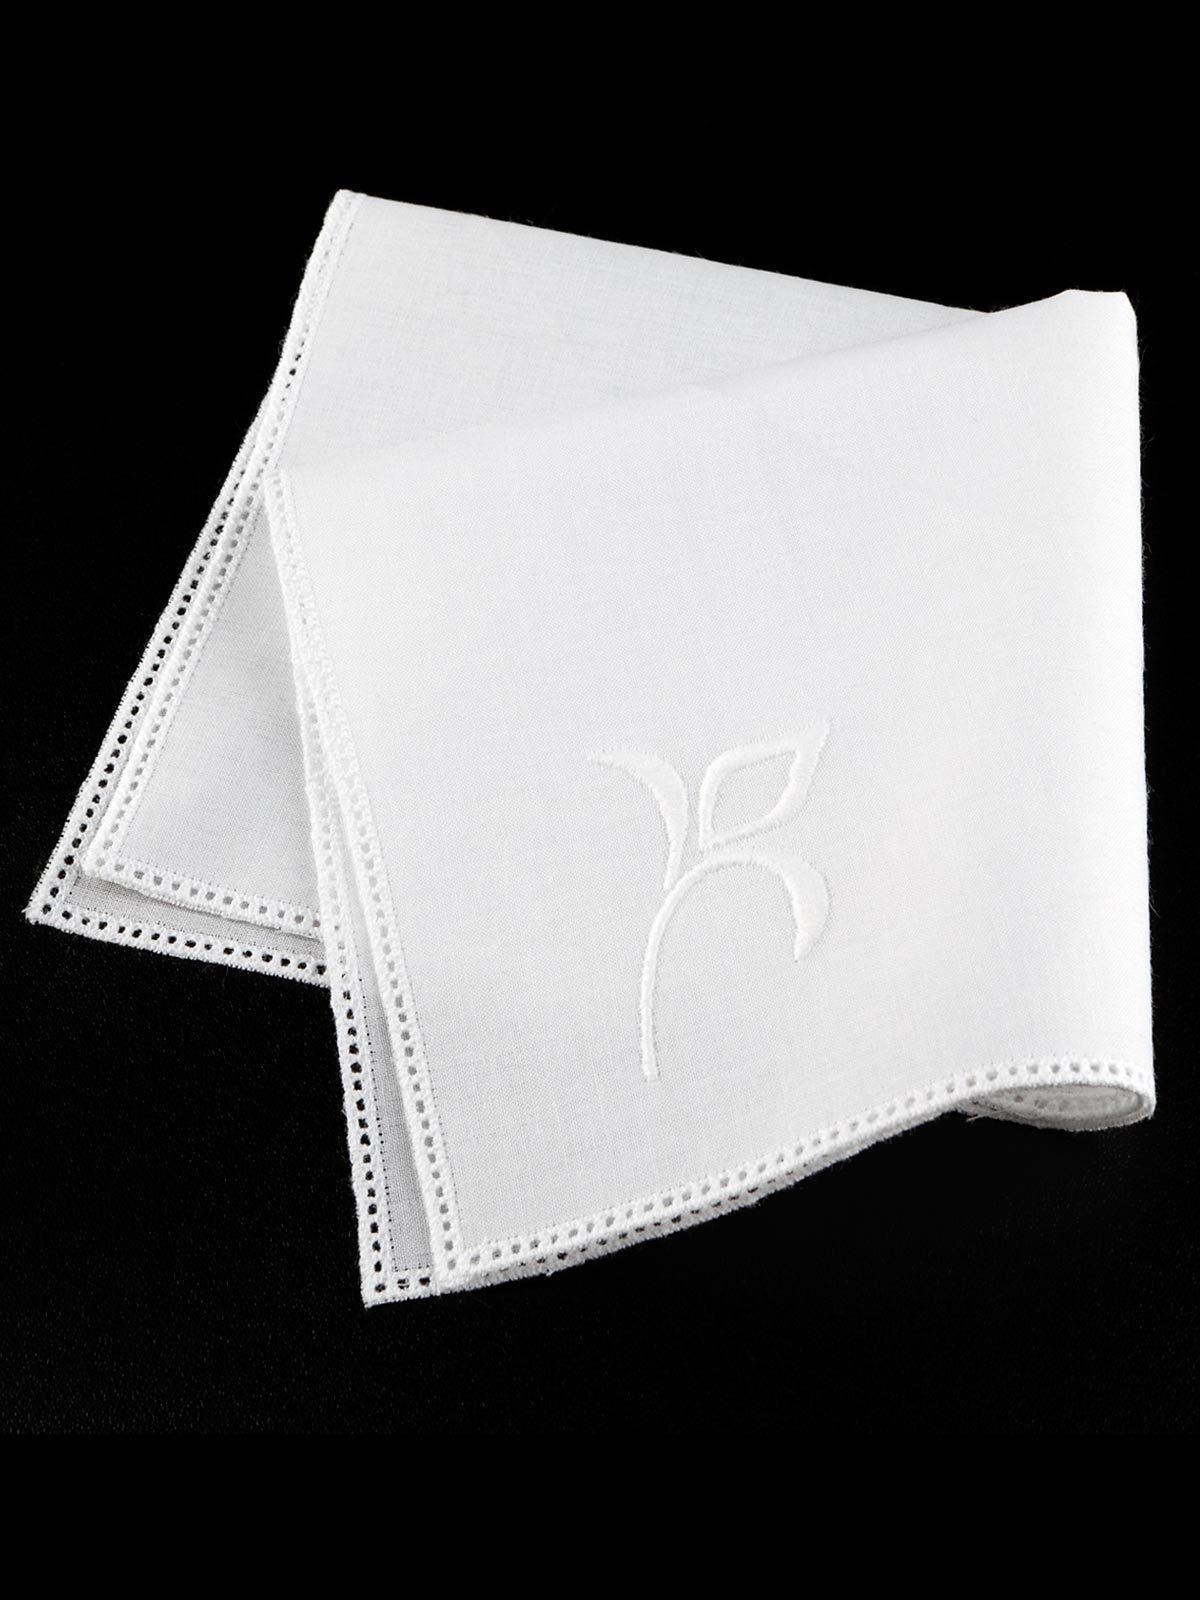 Taschentuch 5025001 von Achberger auf Jade